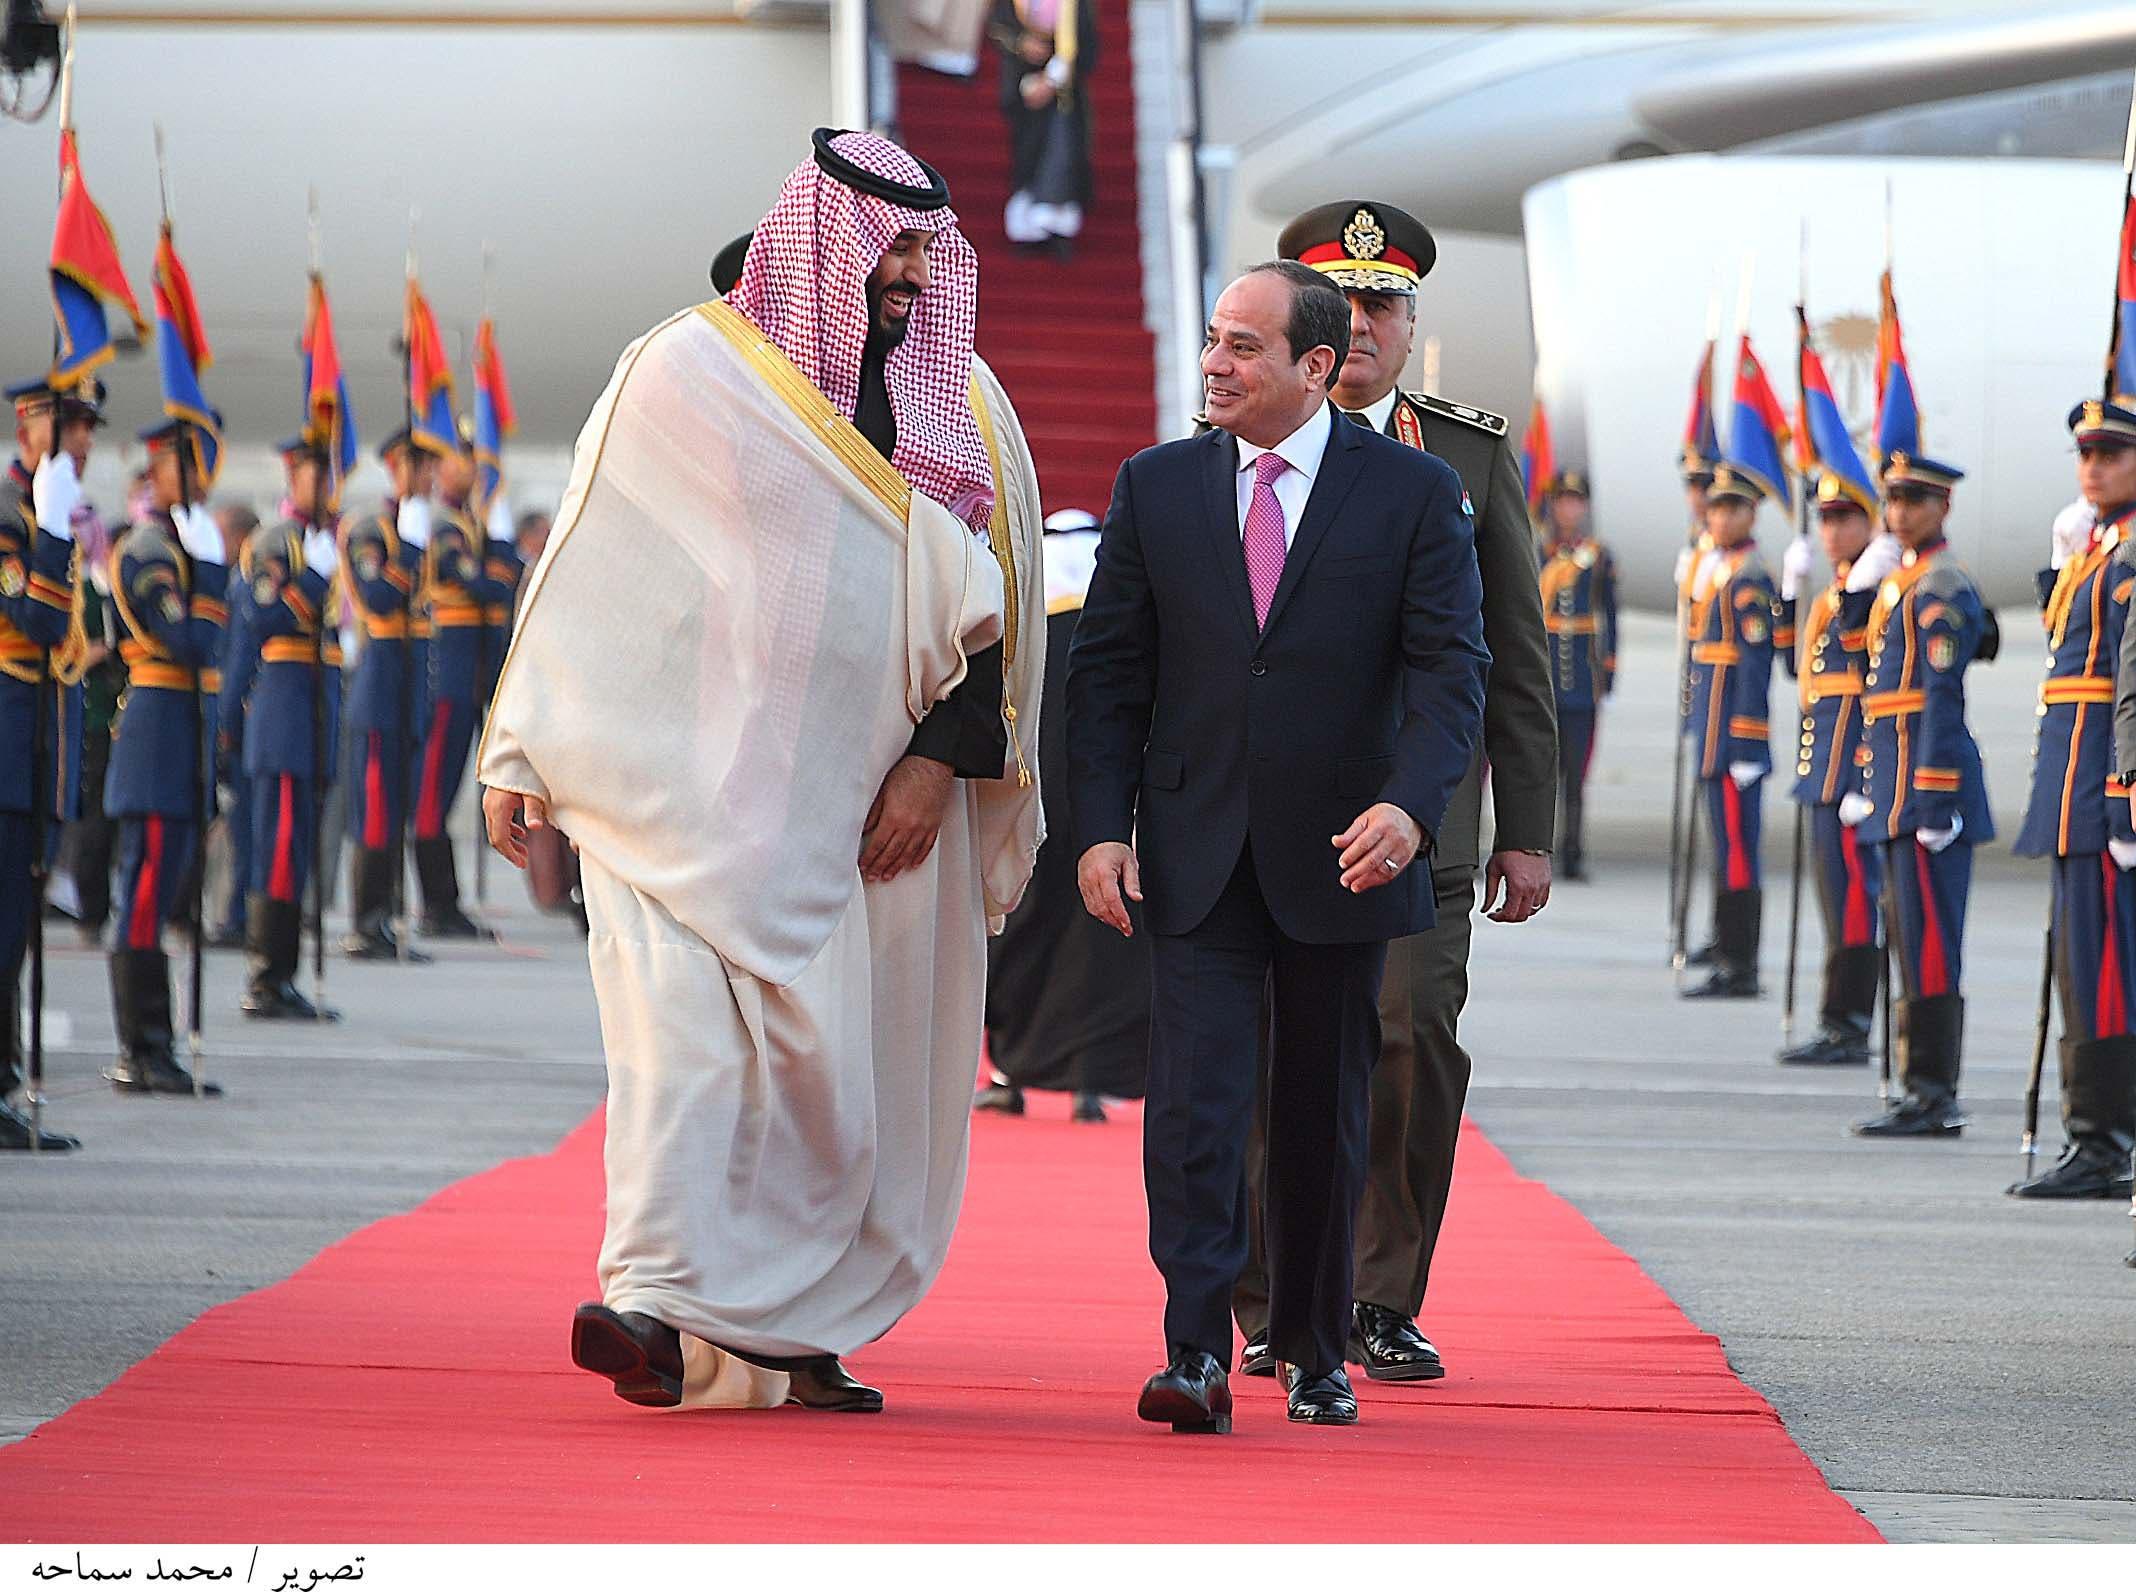 ولي العهد السعودي والسيسي